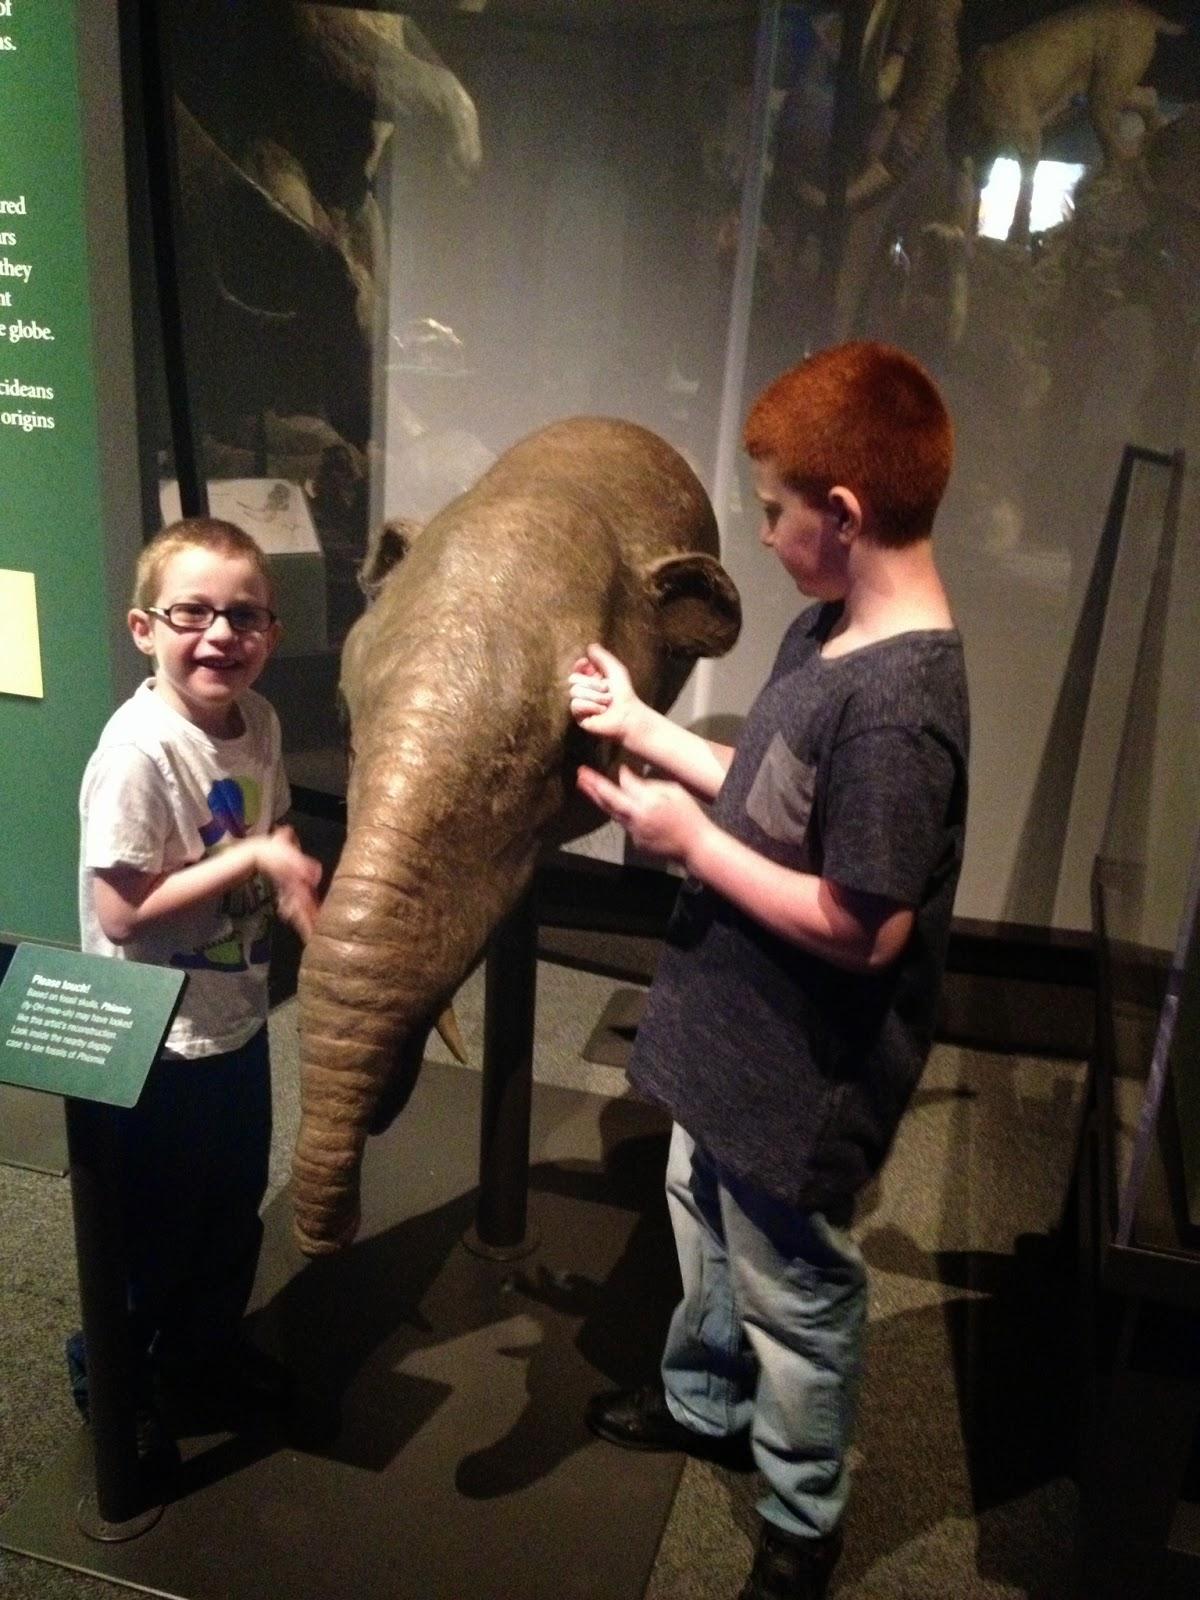 Mammoths exhibition